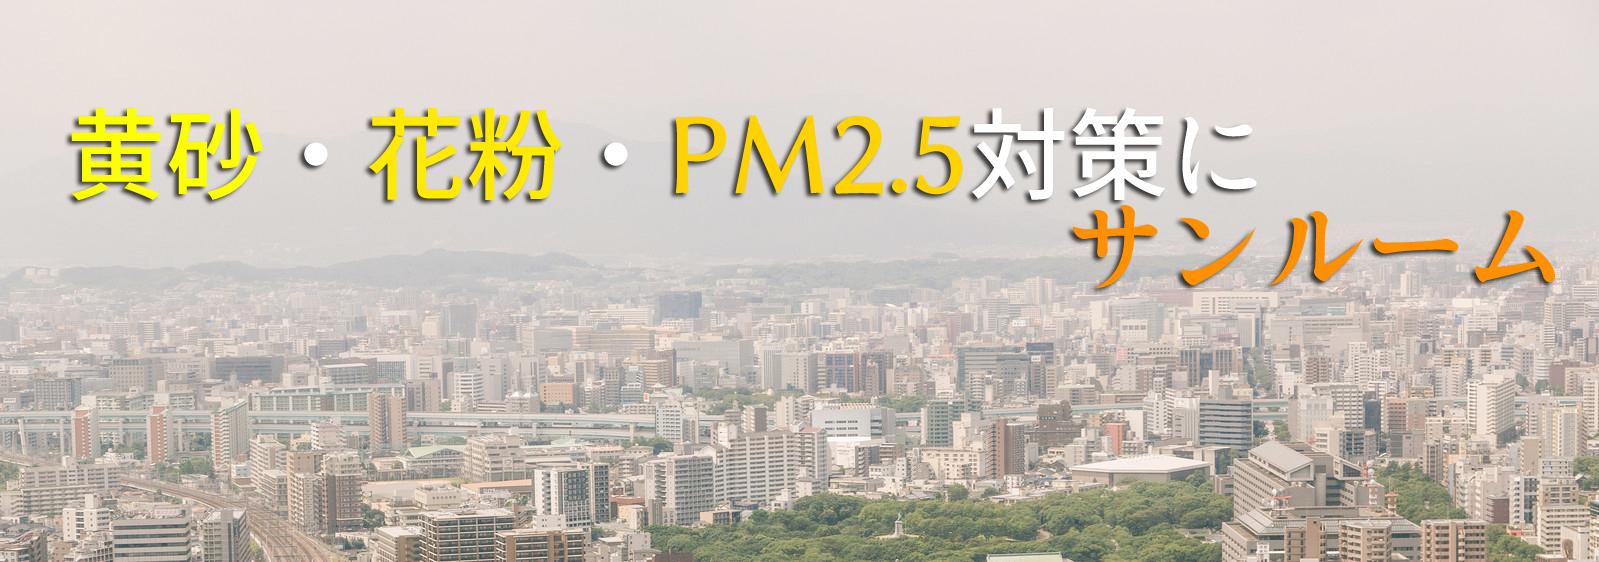 黄砂・花粉・PM2.5対策にサンルーム